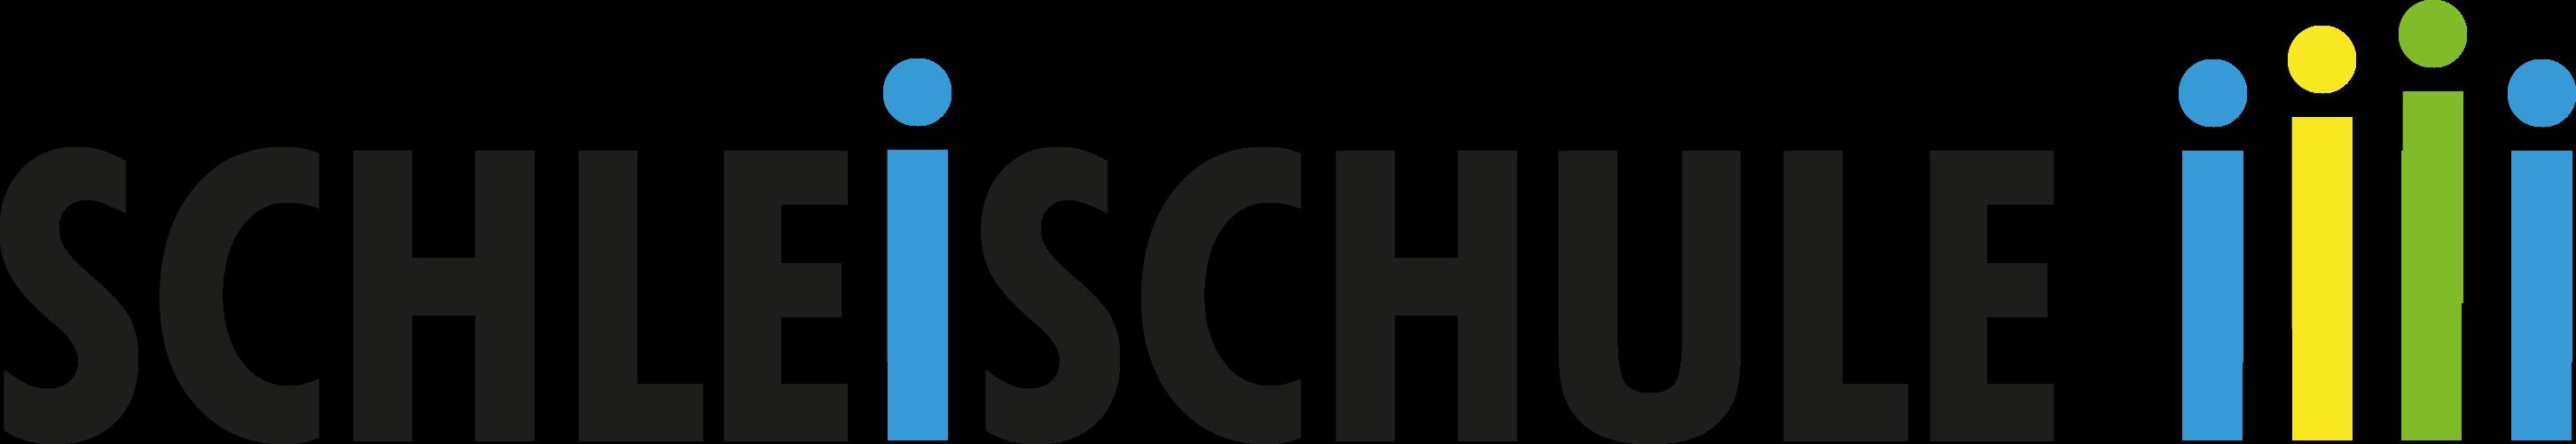 Schleischule Rieseby